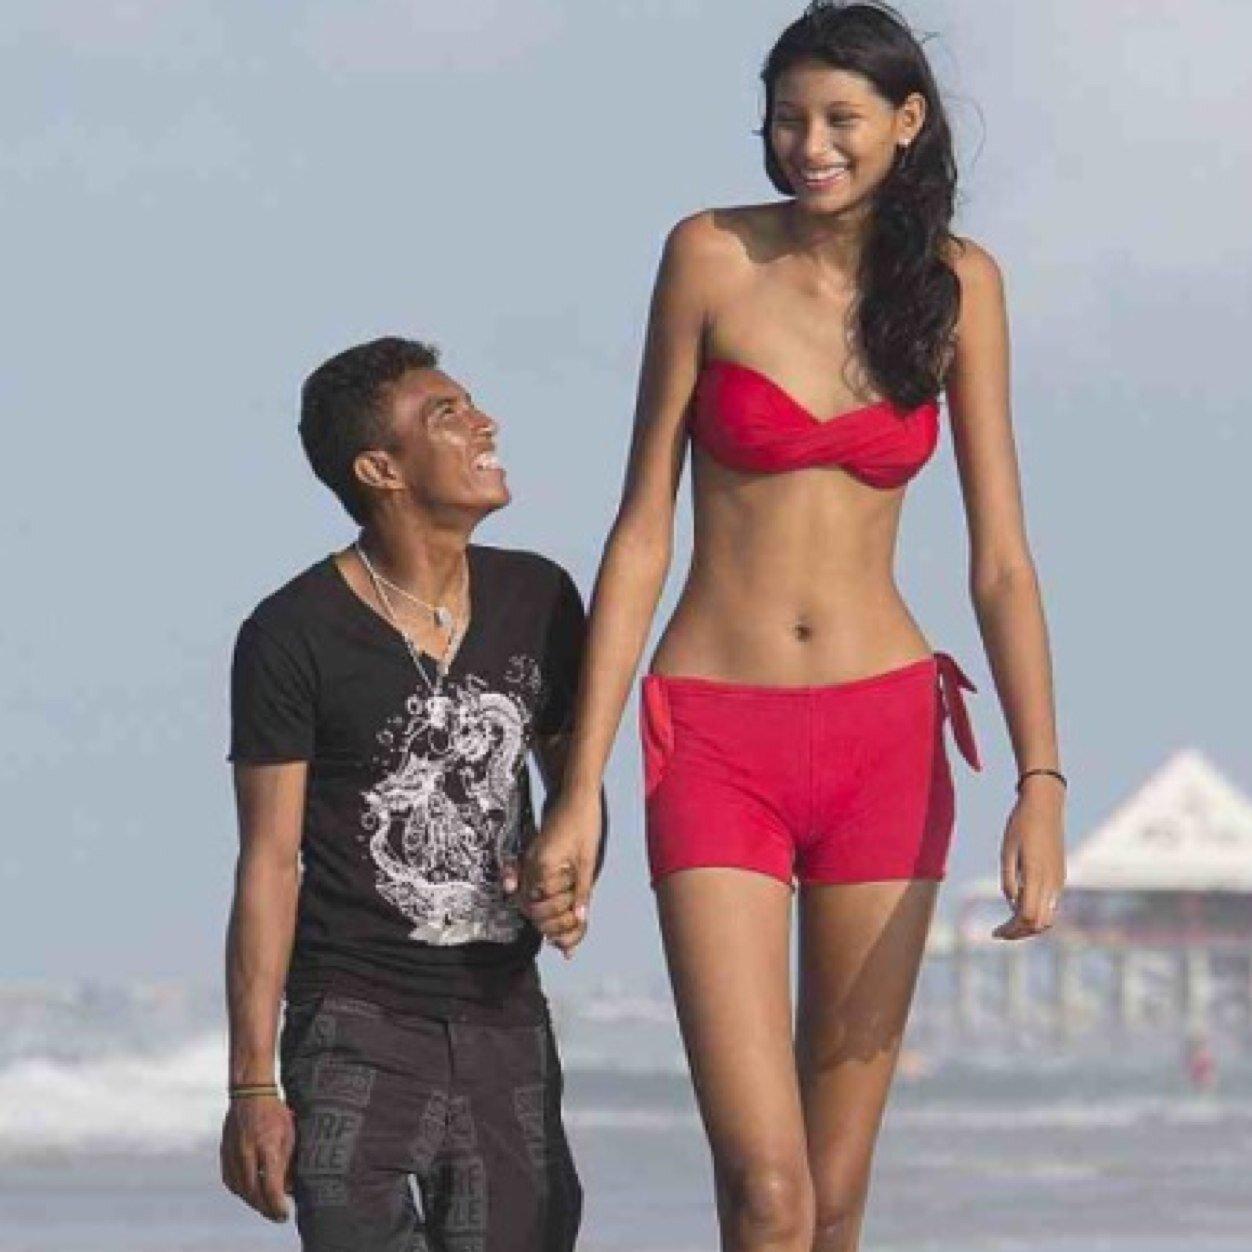 Tall girls tgp